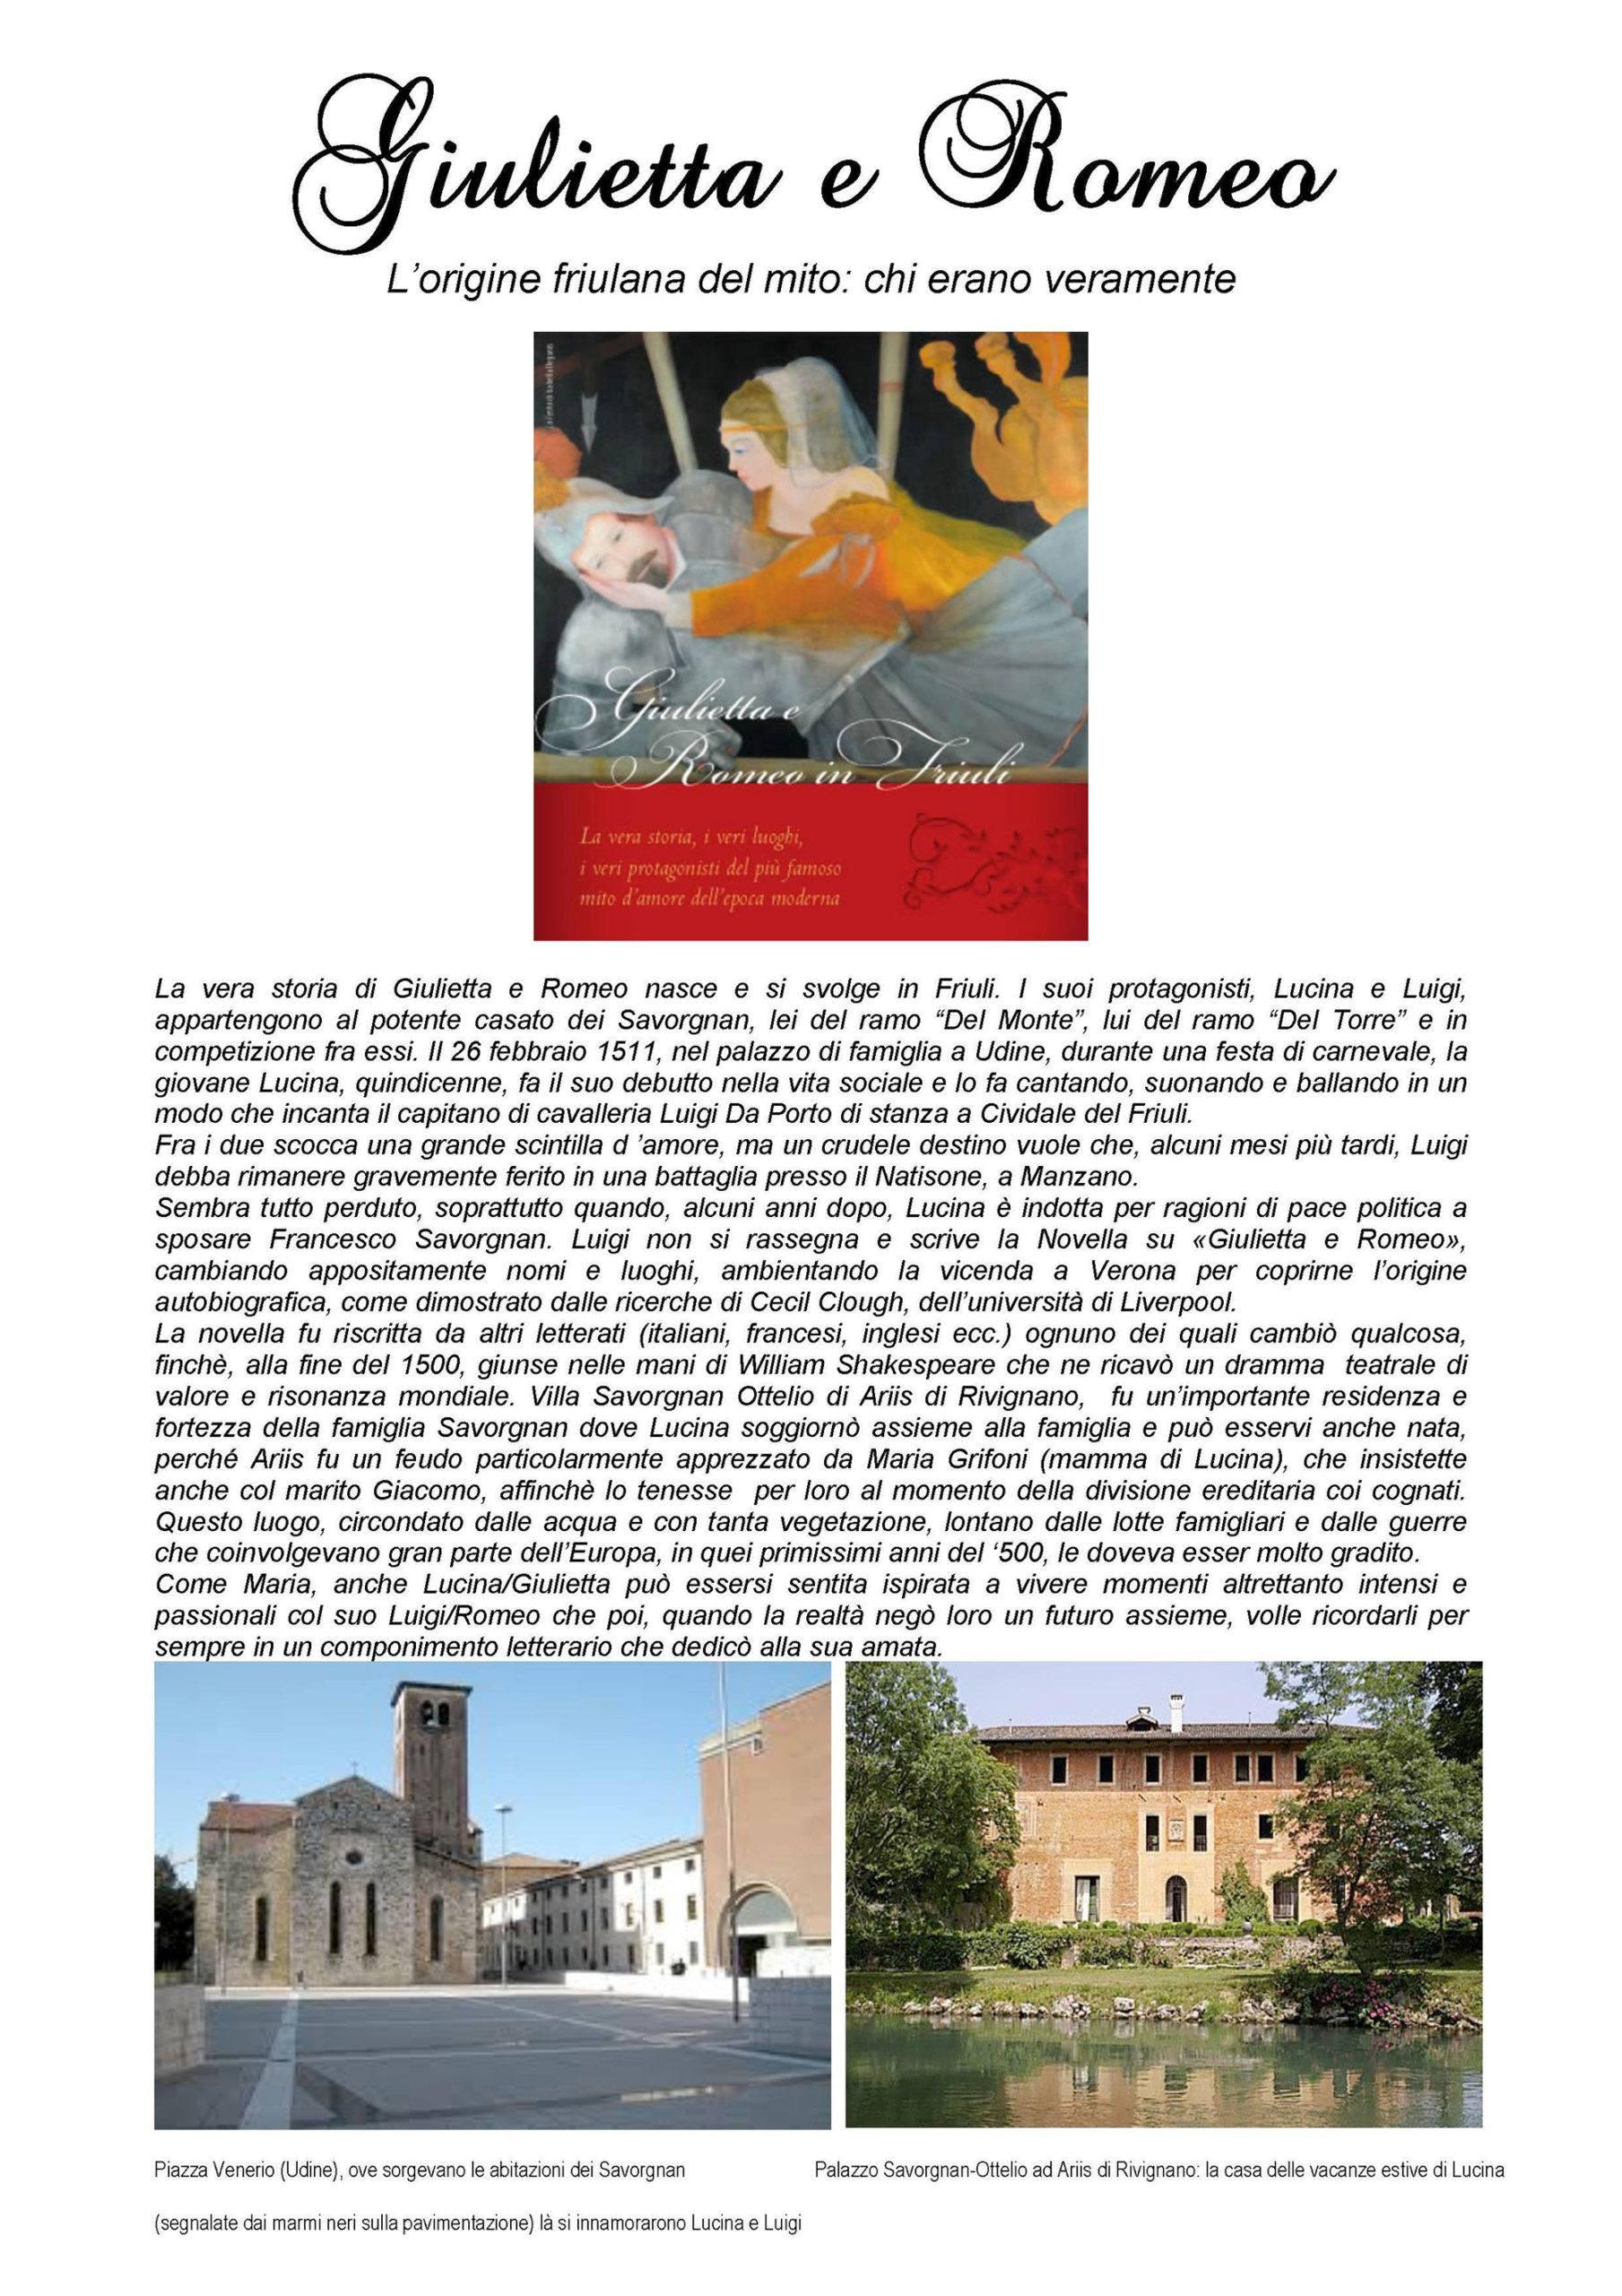 Giulietta e Romeo ad Ariis Quelli veri scaled Giulietta e Romeo ad Ariis – Quelli veri